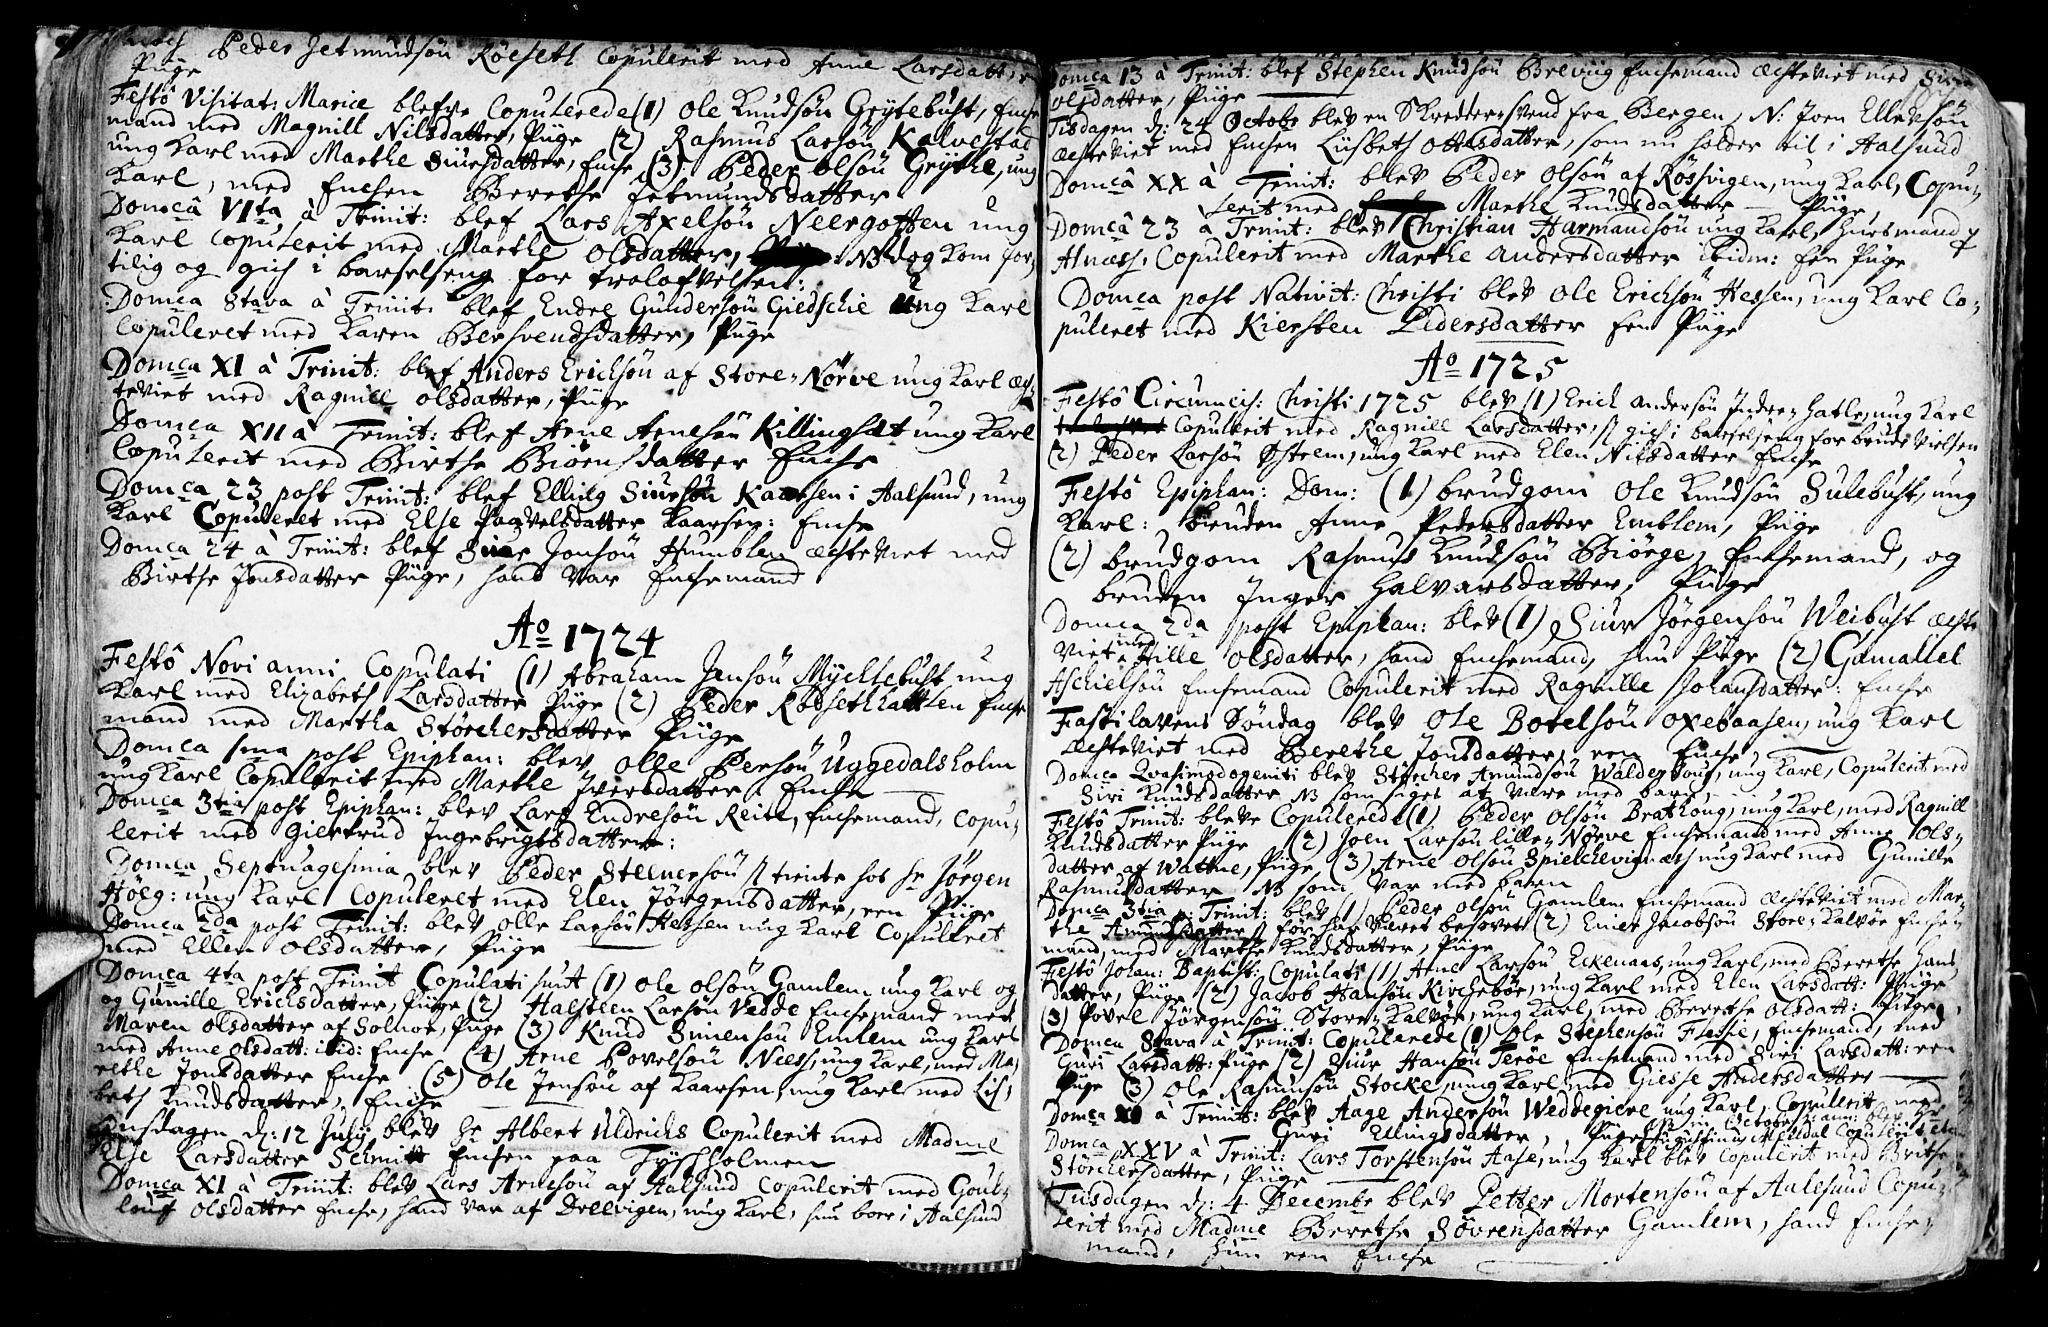 SAT, Ministerialprotokoller, klokkerbøker og fødselsregistre - Møre og Romsdal, 528/L0390: Ministerialbok nr. 528A01, 1698-1739, s. 106-107